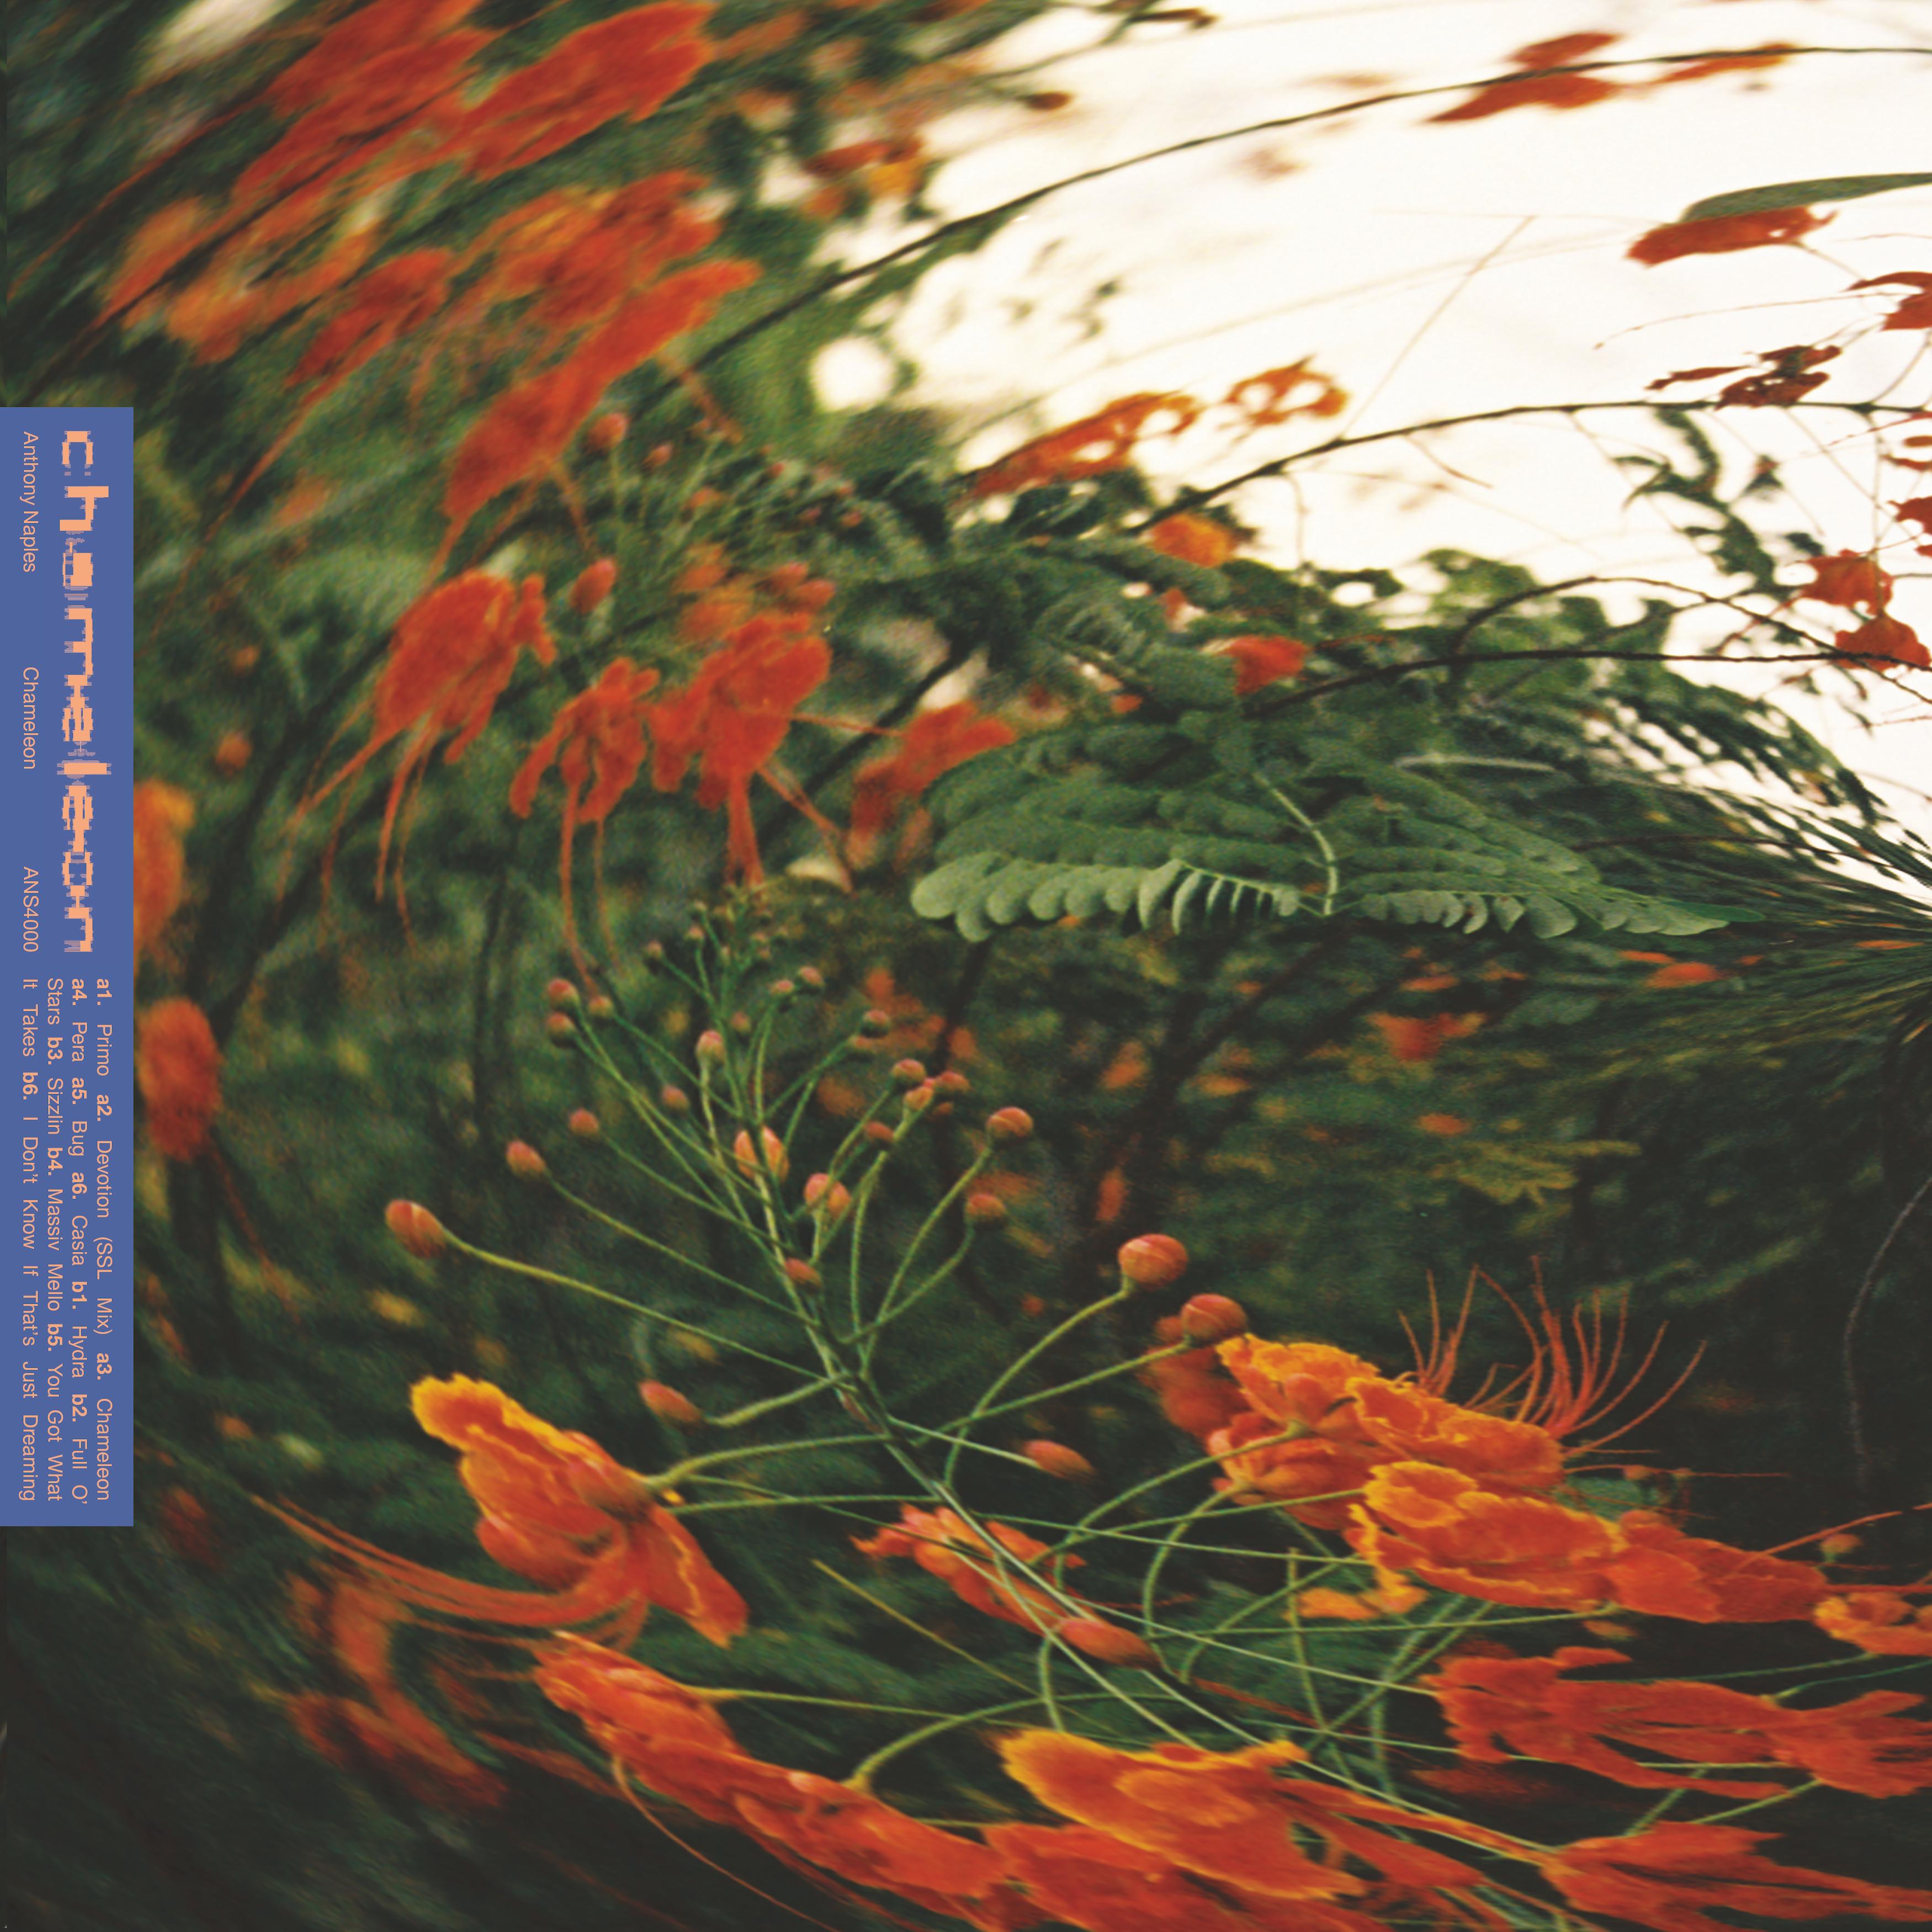 Anthony Naples/CHAMELEON LP